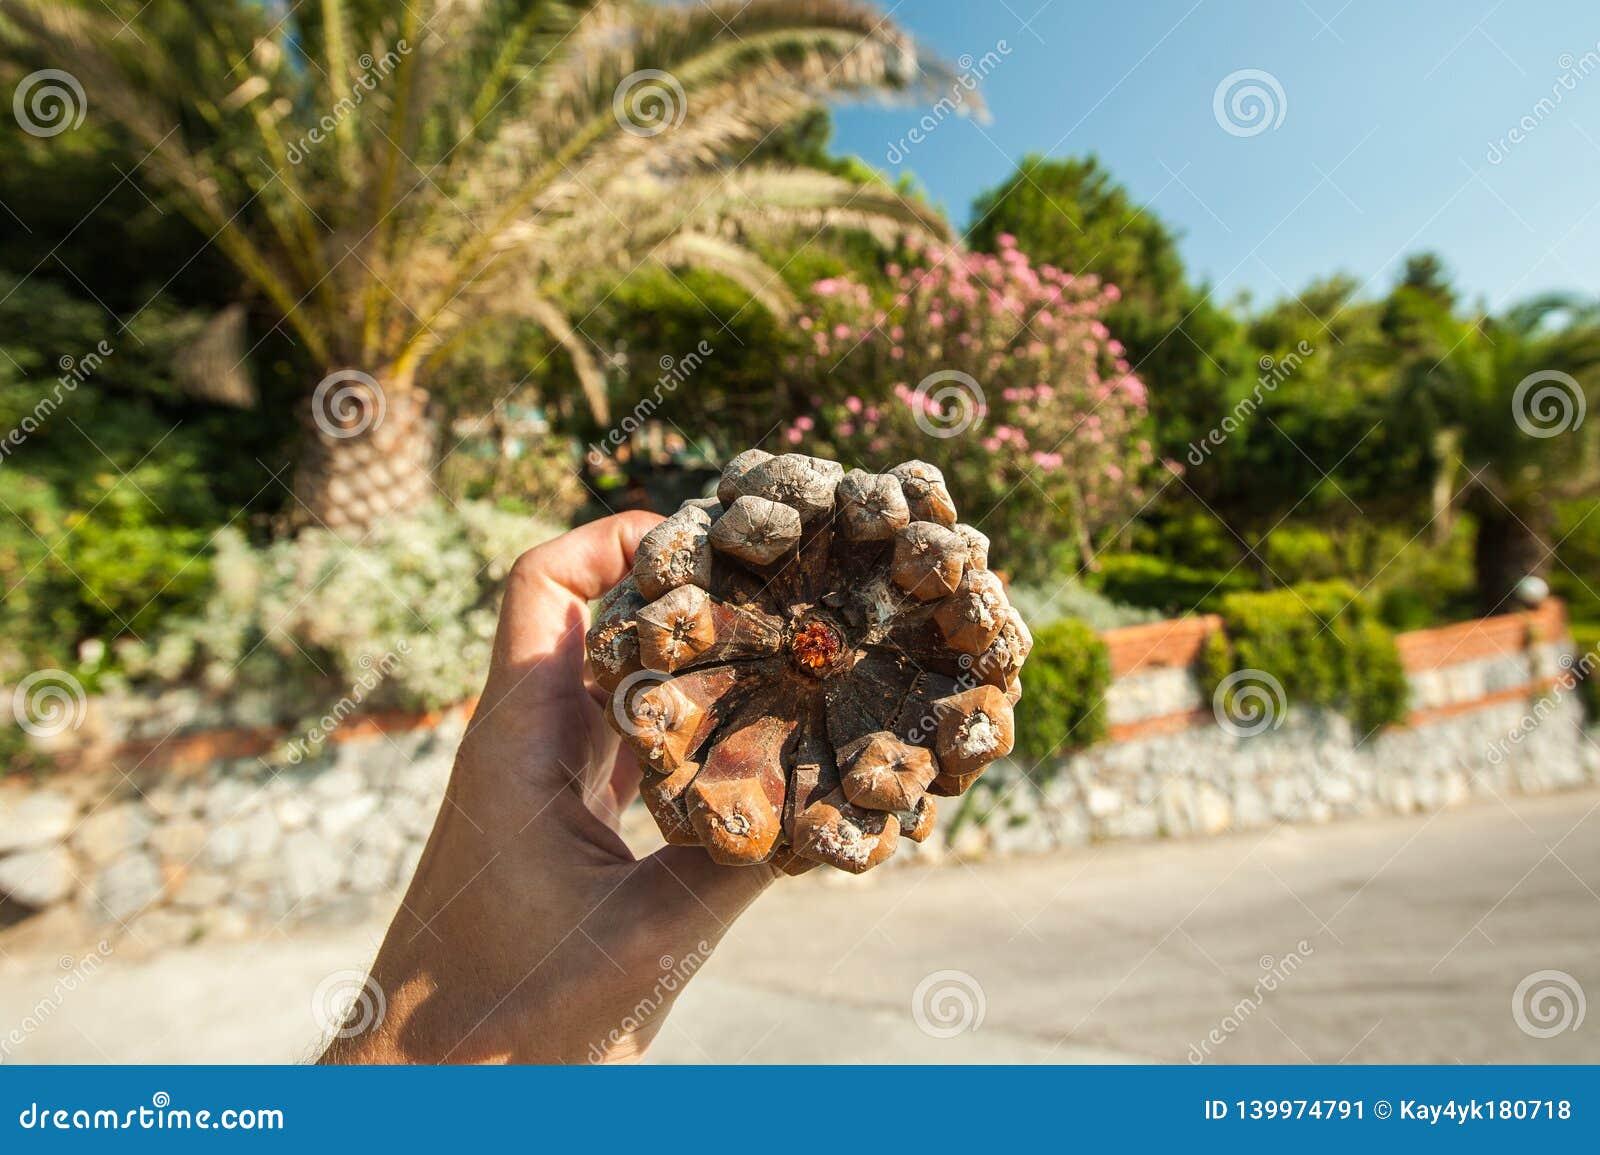 Groot stuk ter beschikking op de achtergrond van palmen en vegetatie op een zonnige dag op vakantie